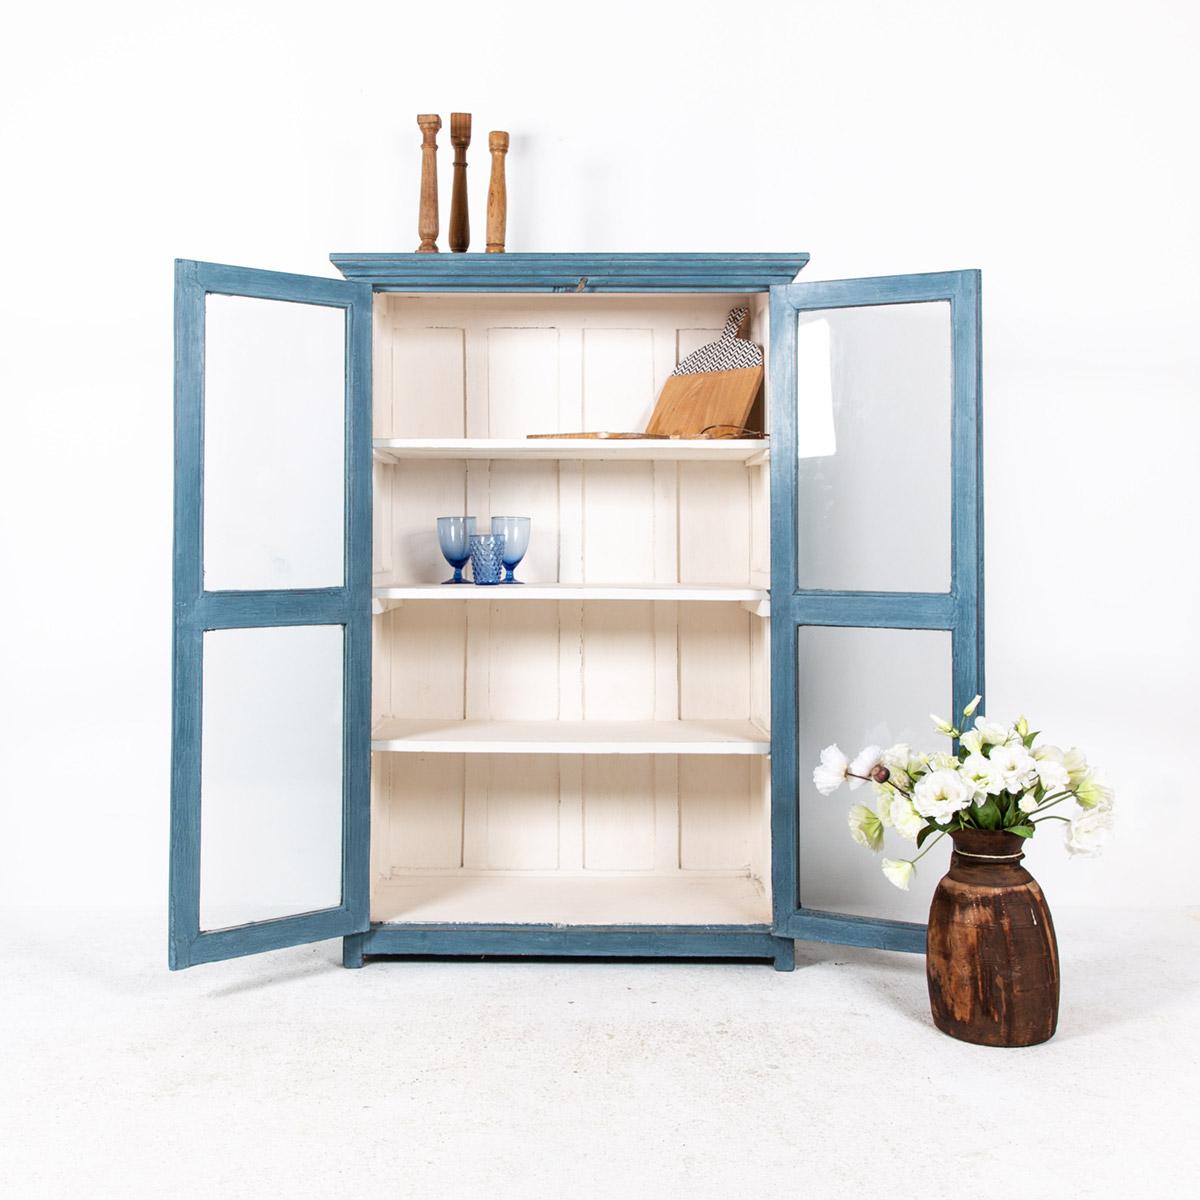 Vitrinekast-2-deuren-blauw-3